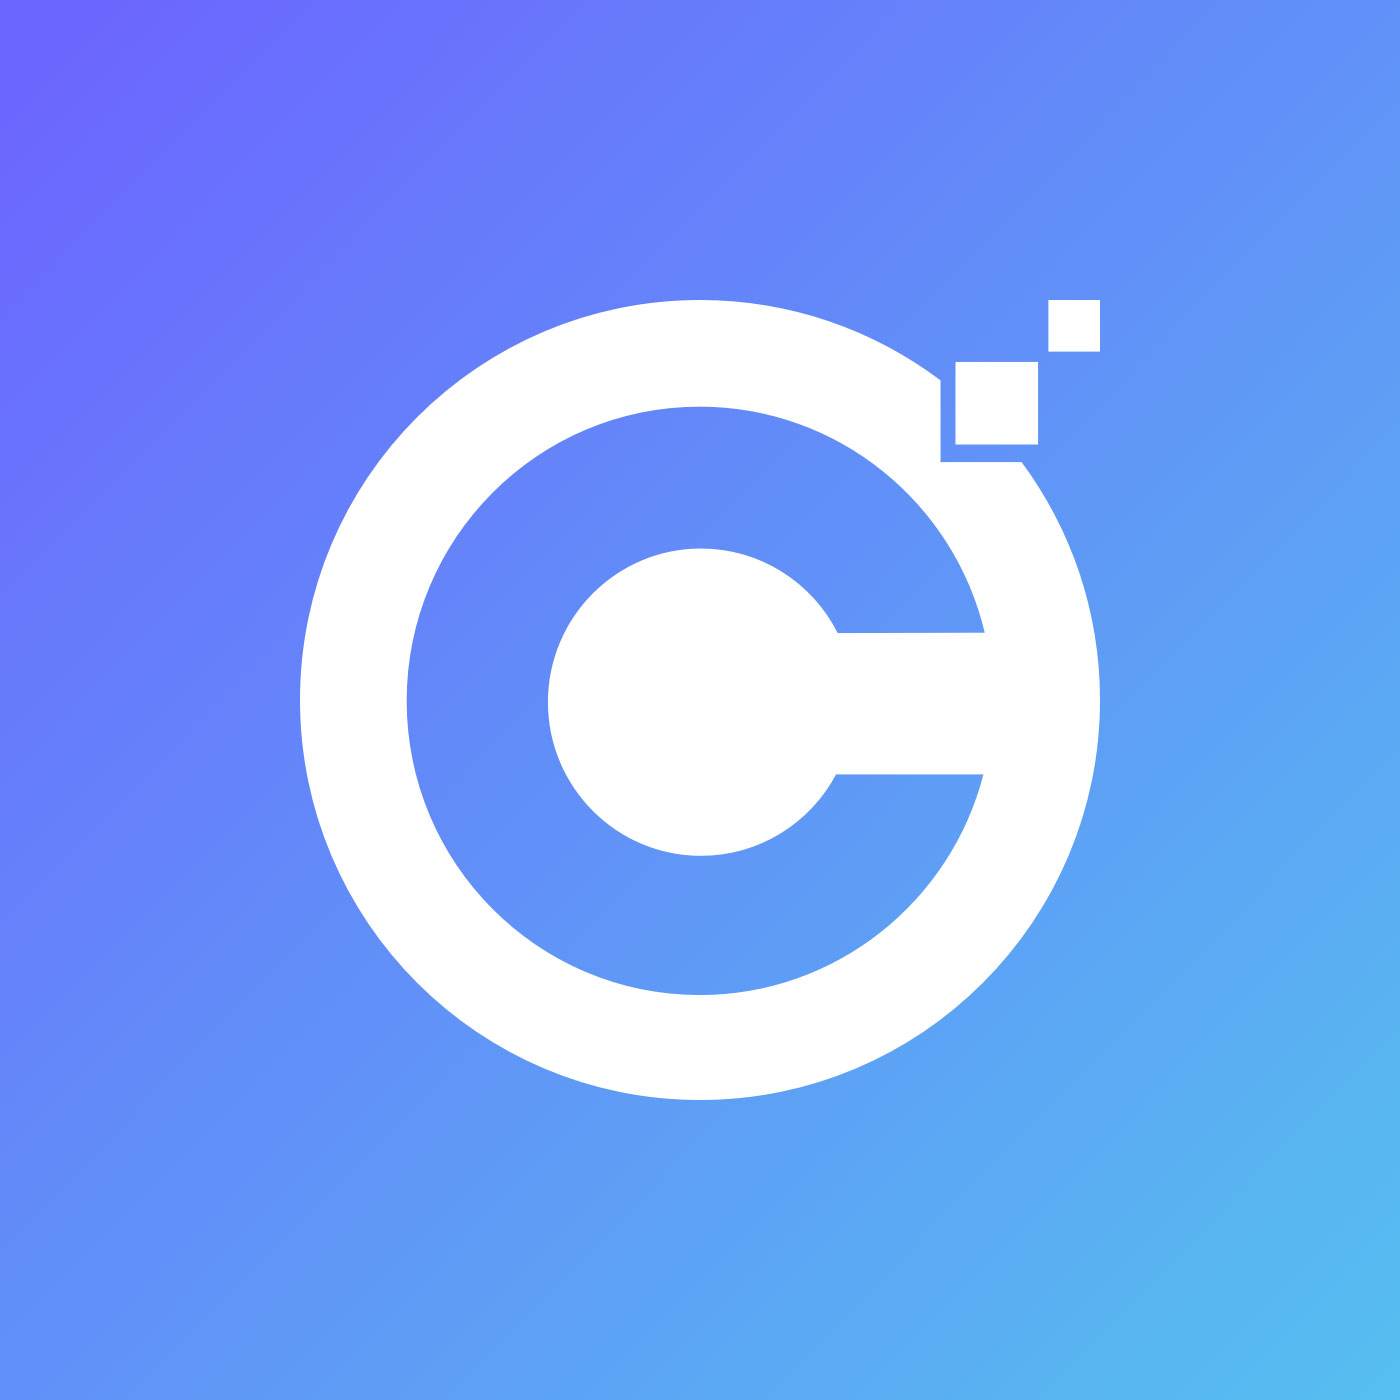 Chitranu Technologies image